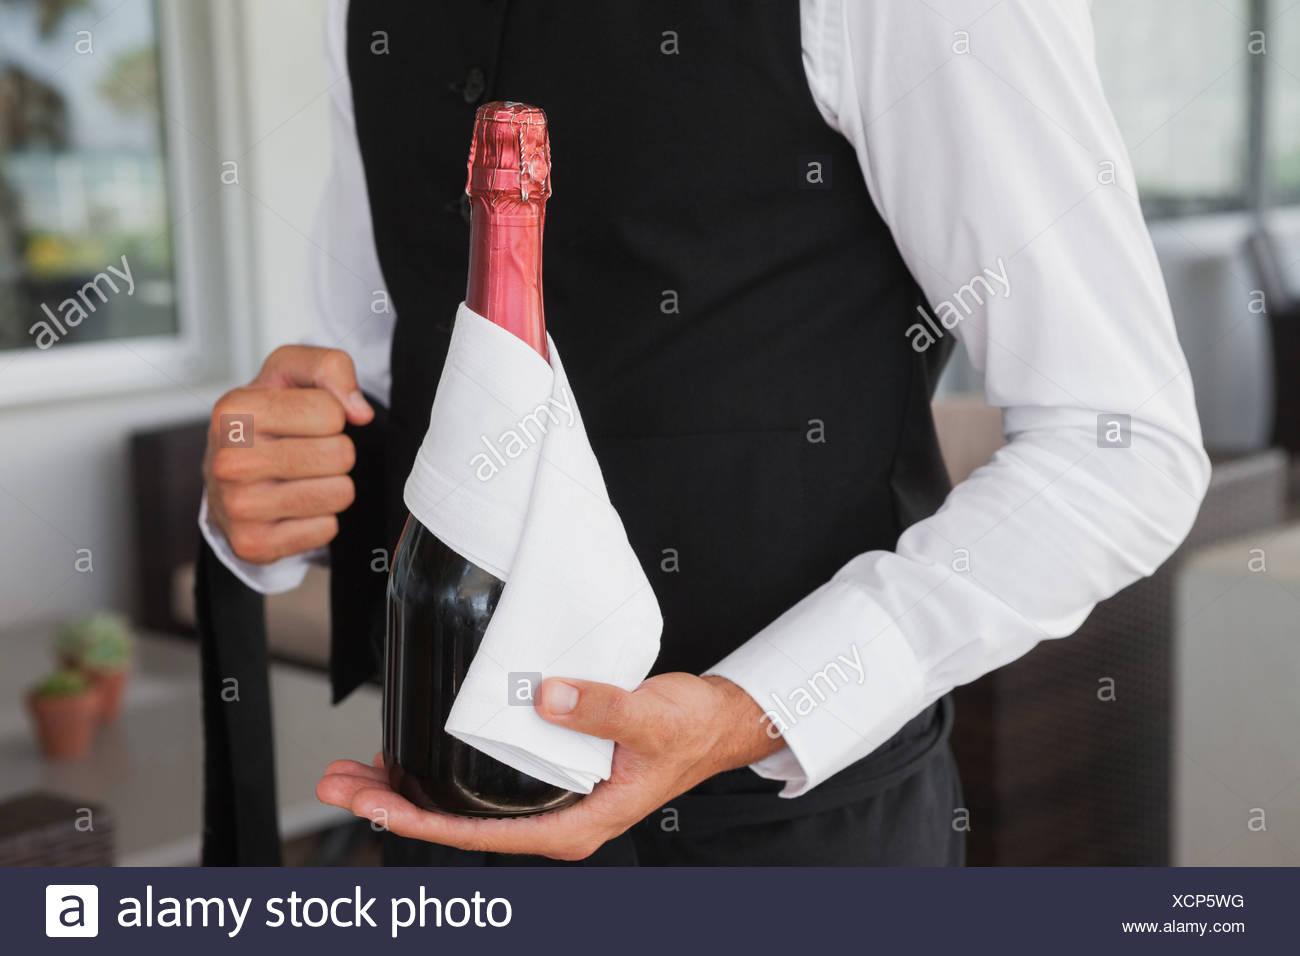 Bien habillé waiter holding magnum de champagne Photo Stock